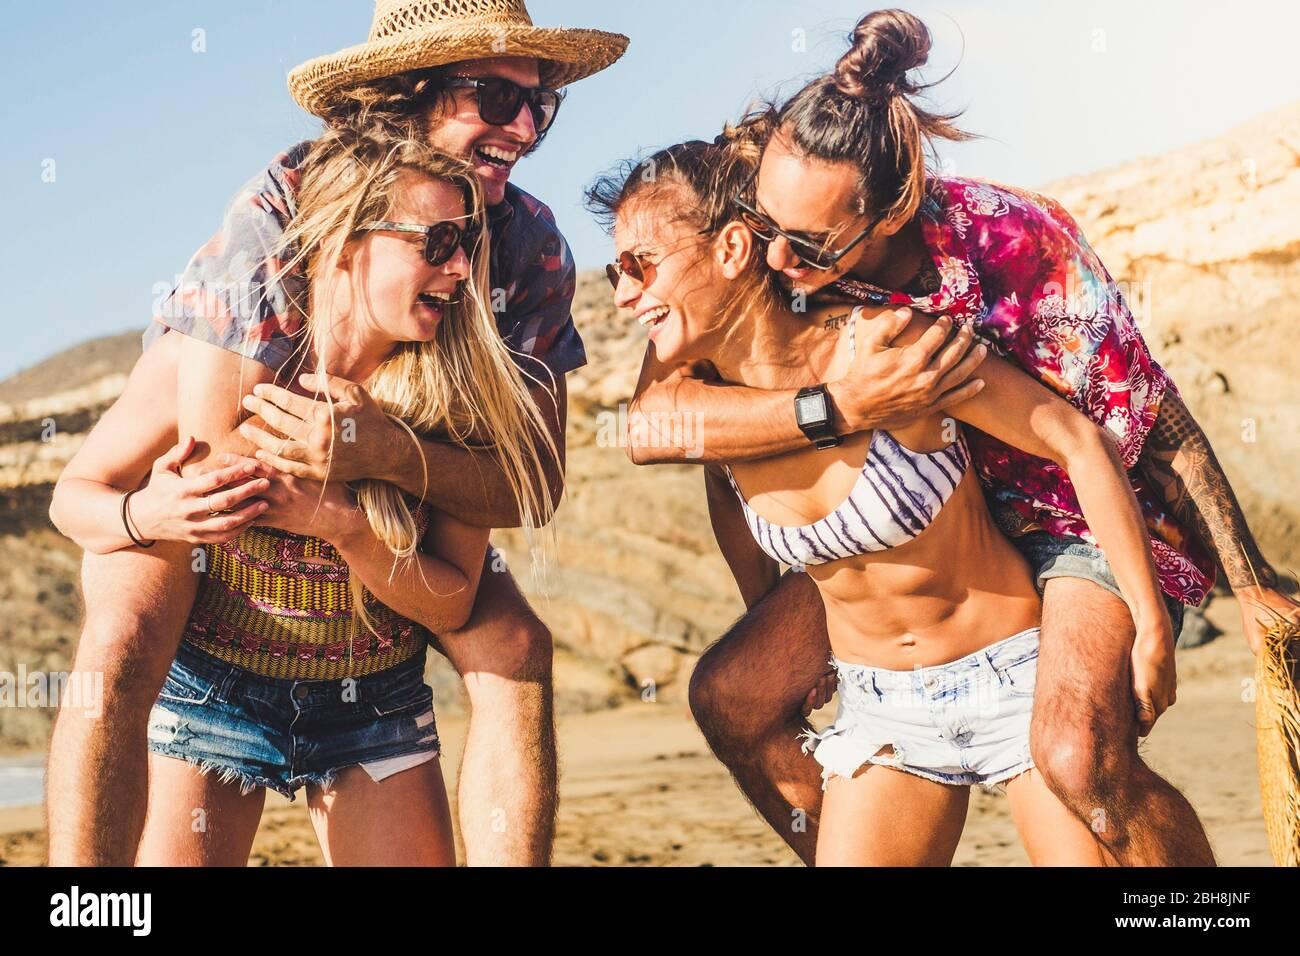 Allegro gruppo felice di persone amici ridono molto all'aperto alla spiaggia - estate viaggio concetto di vacanza con donne che trasportano uomini - sole e divertente stile di vita per alternative millennial - bellissimo resort Foto Stock